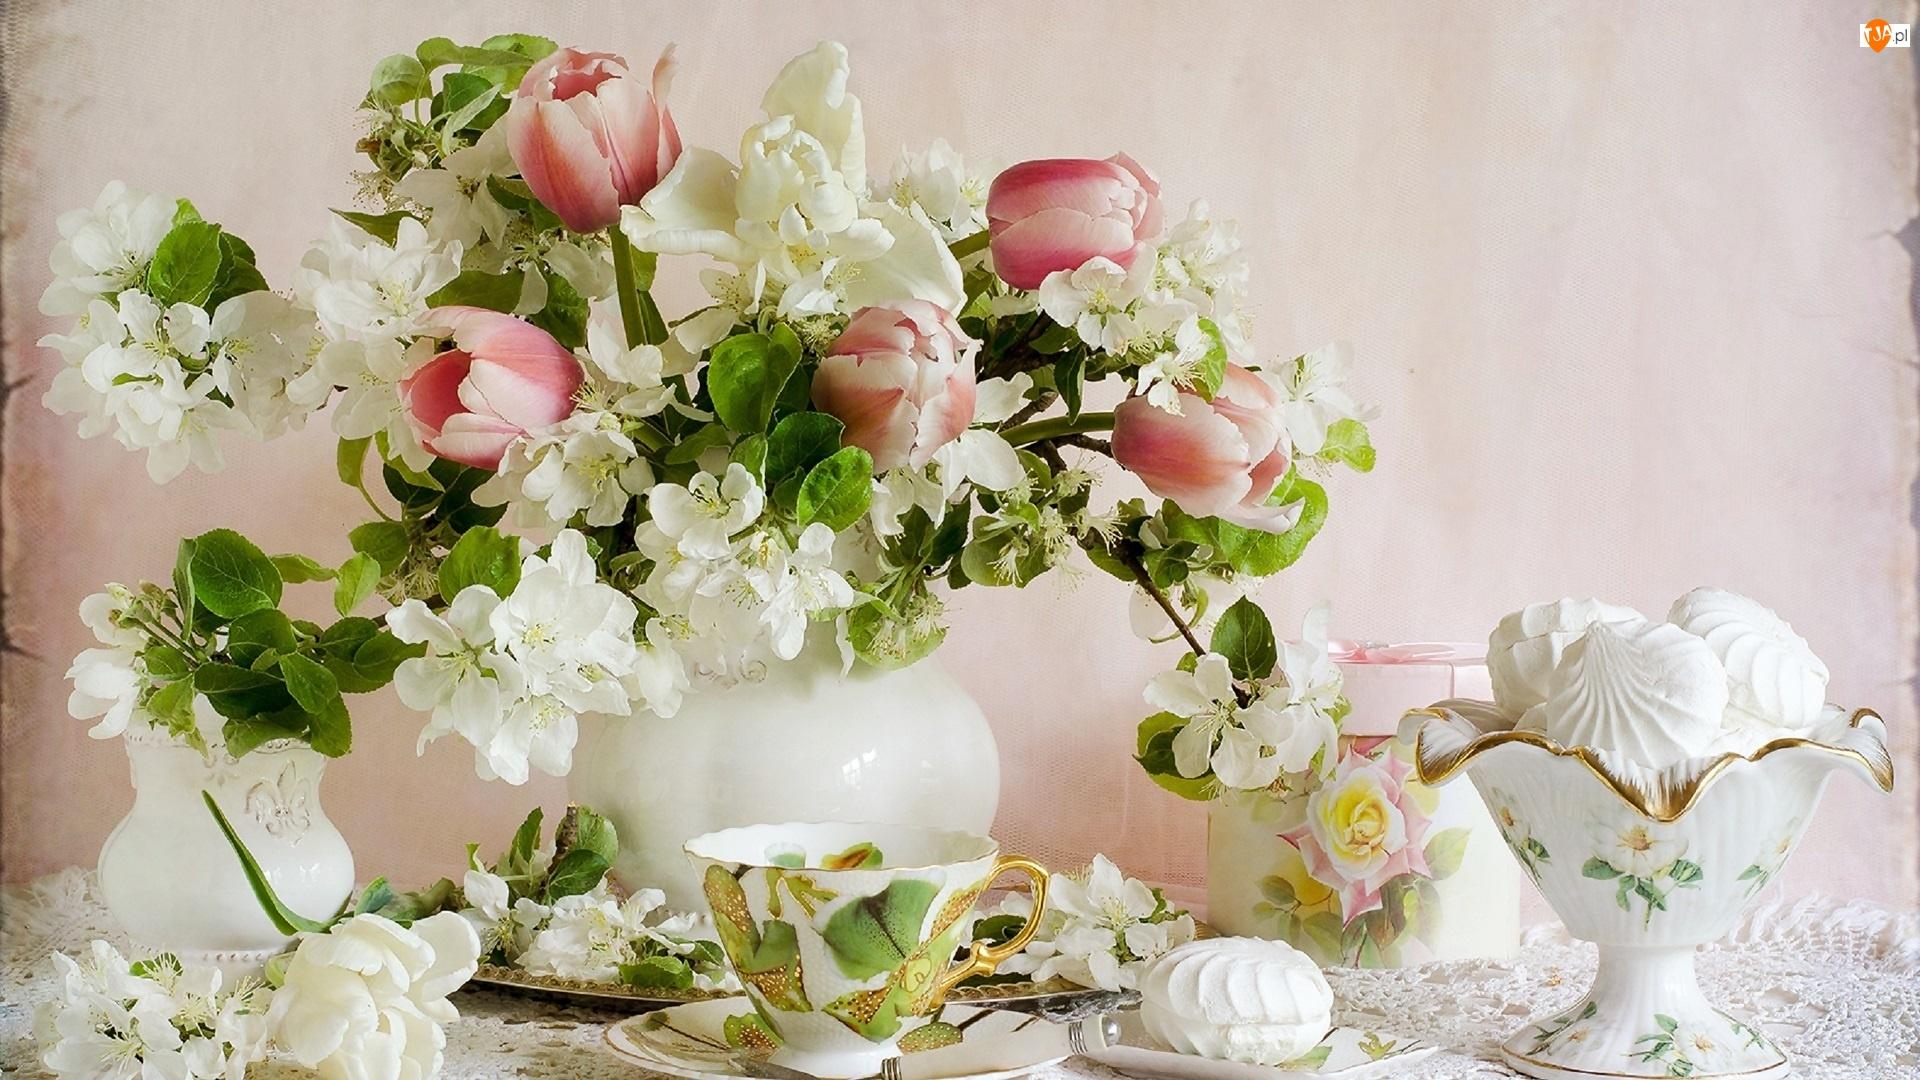 Bukiet, Ciastka, Kompozycja, Bezy, Kwiaty, Tulipany